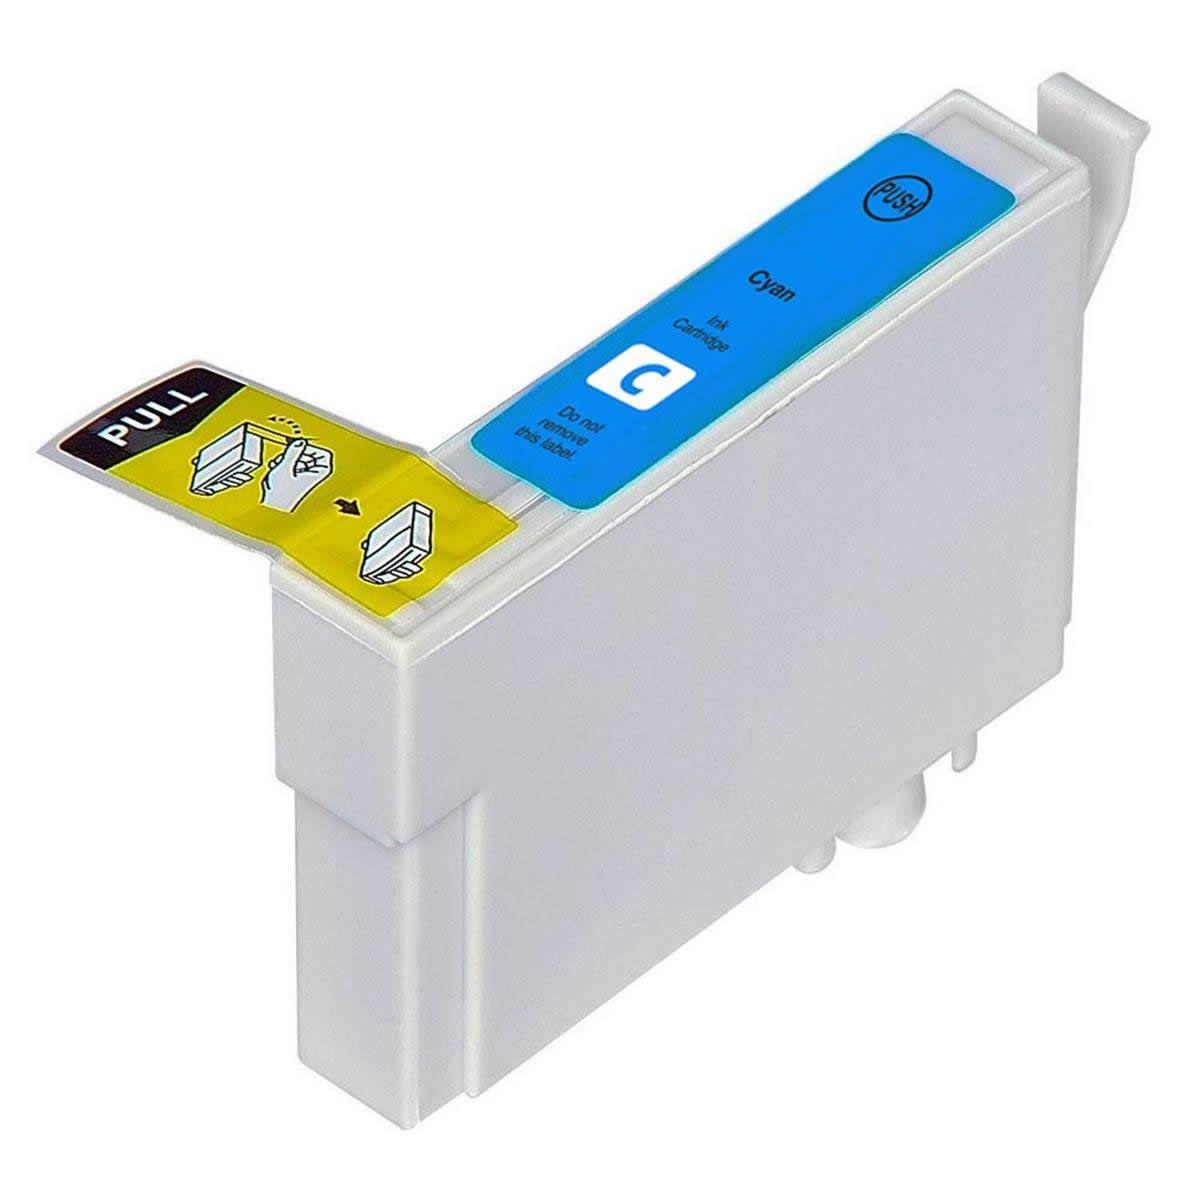 Cartucho MJ Compatível TO482 Ciano para R200 R220 R300 R320